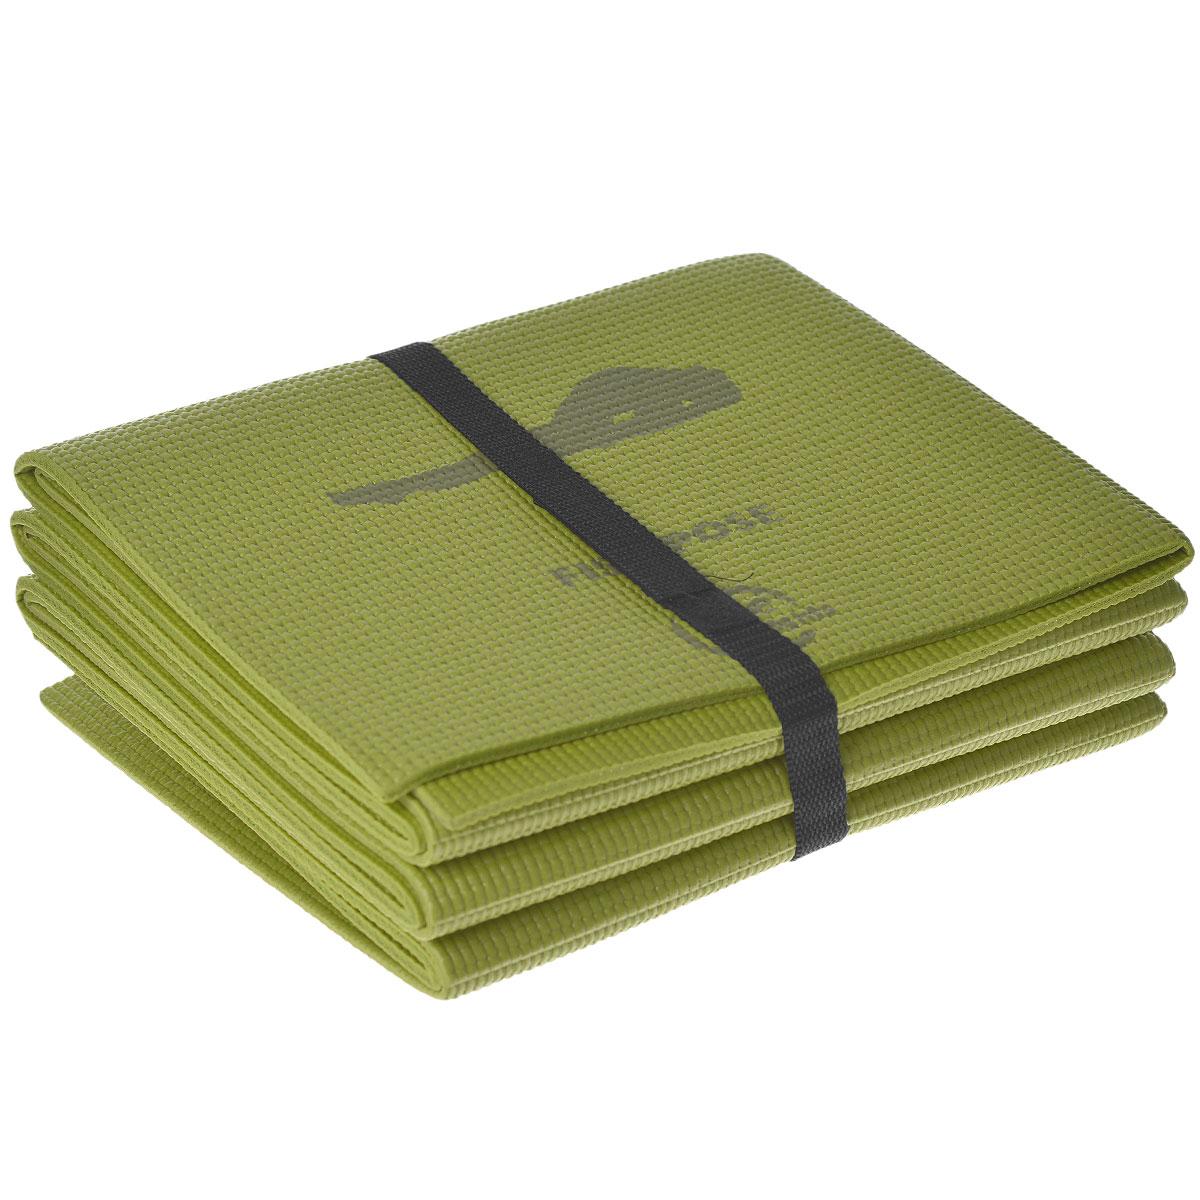 Коврик для йоги Lite Weights, складной, цвет: салатовый, 173 см х 61 см х 0,5 см